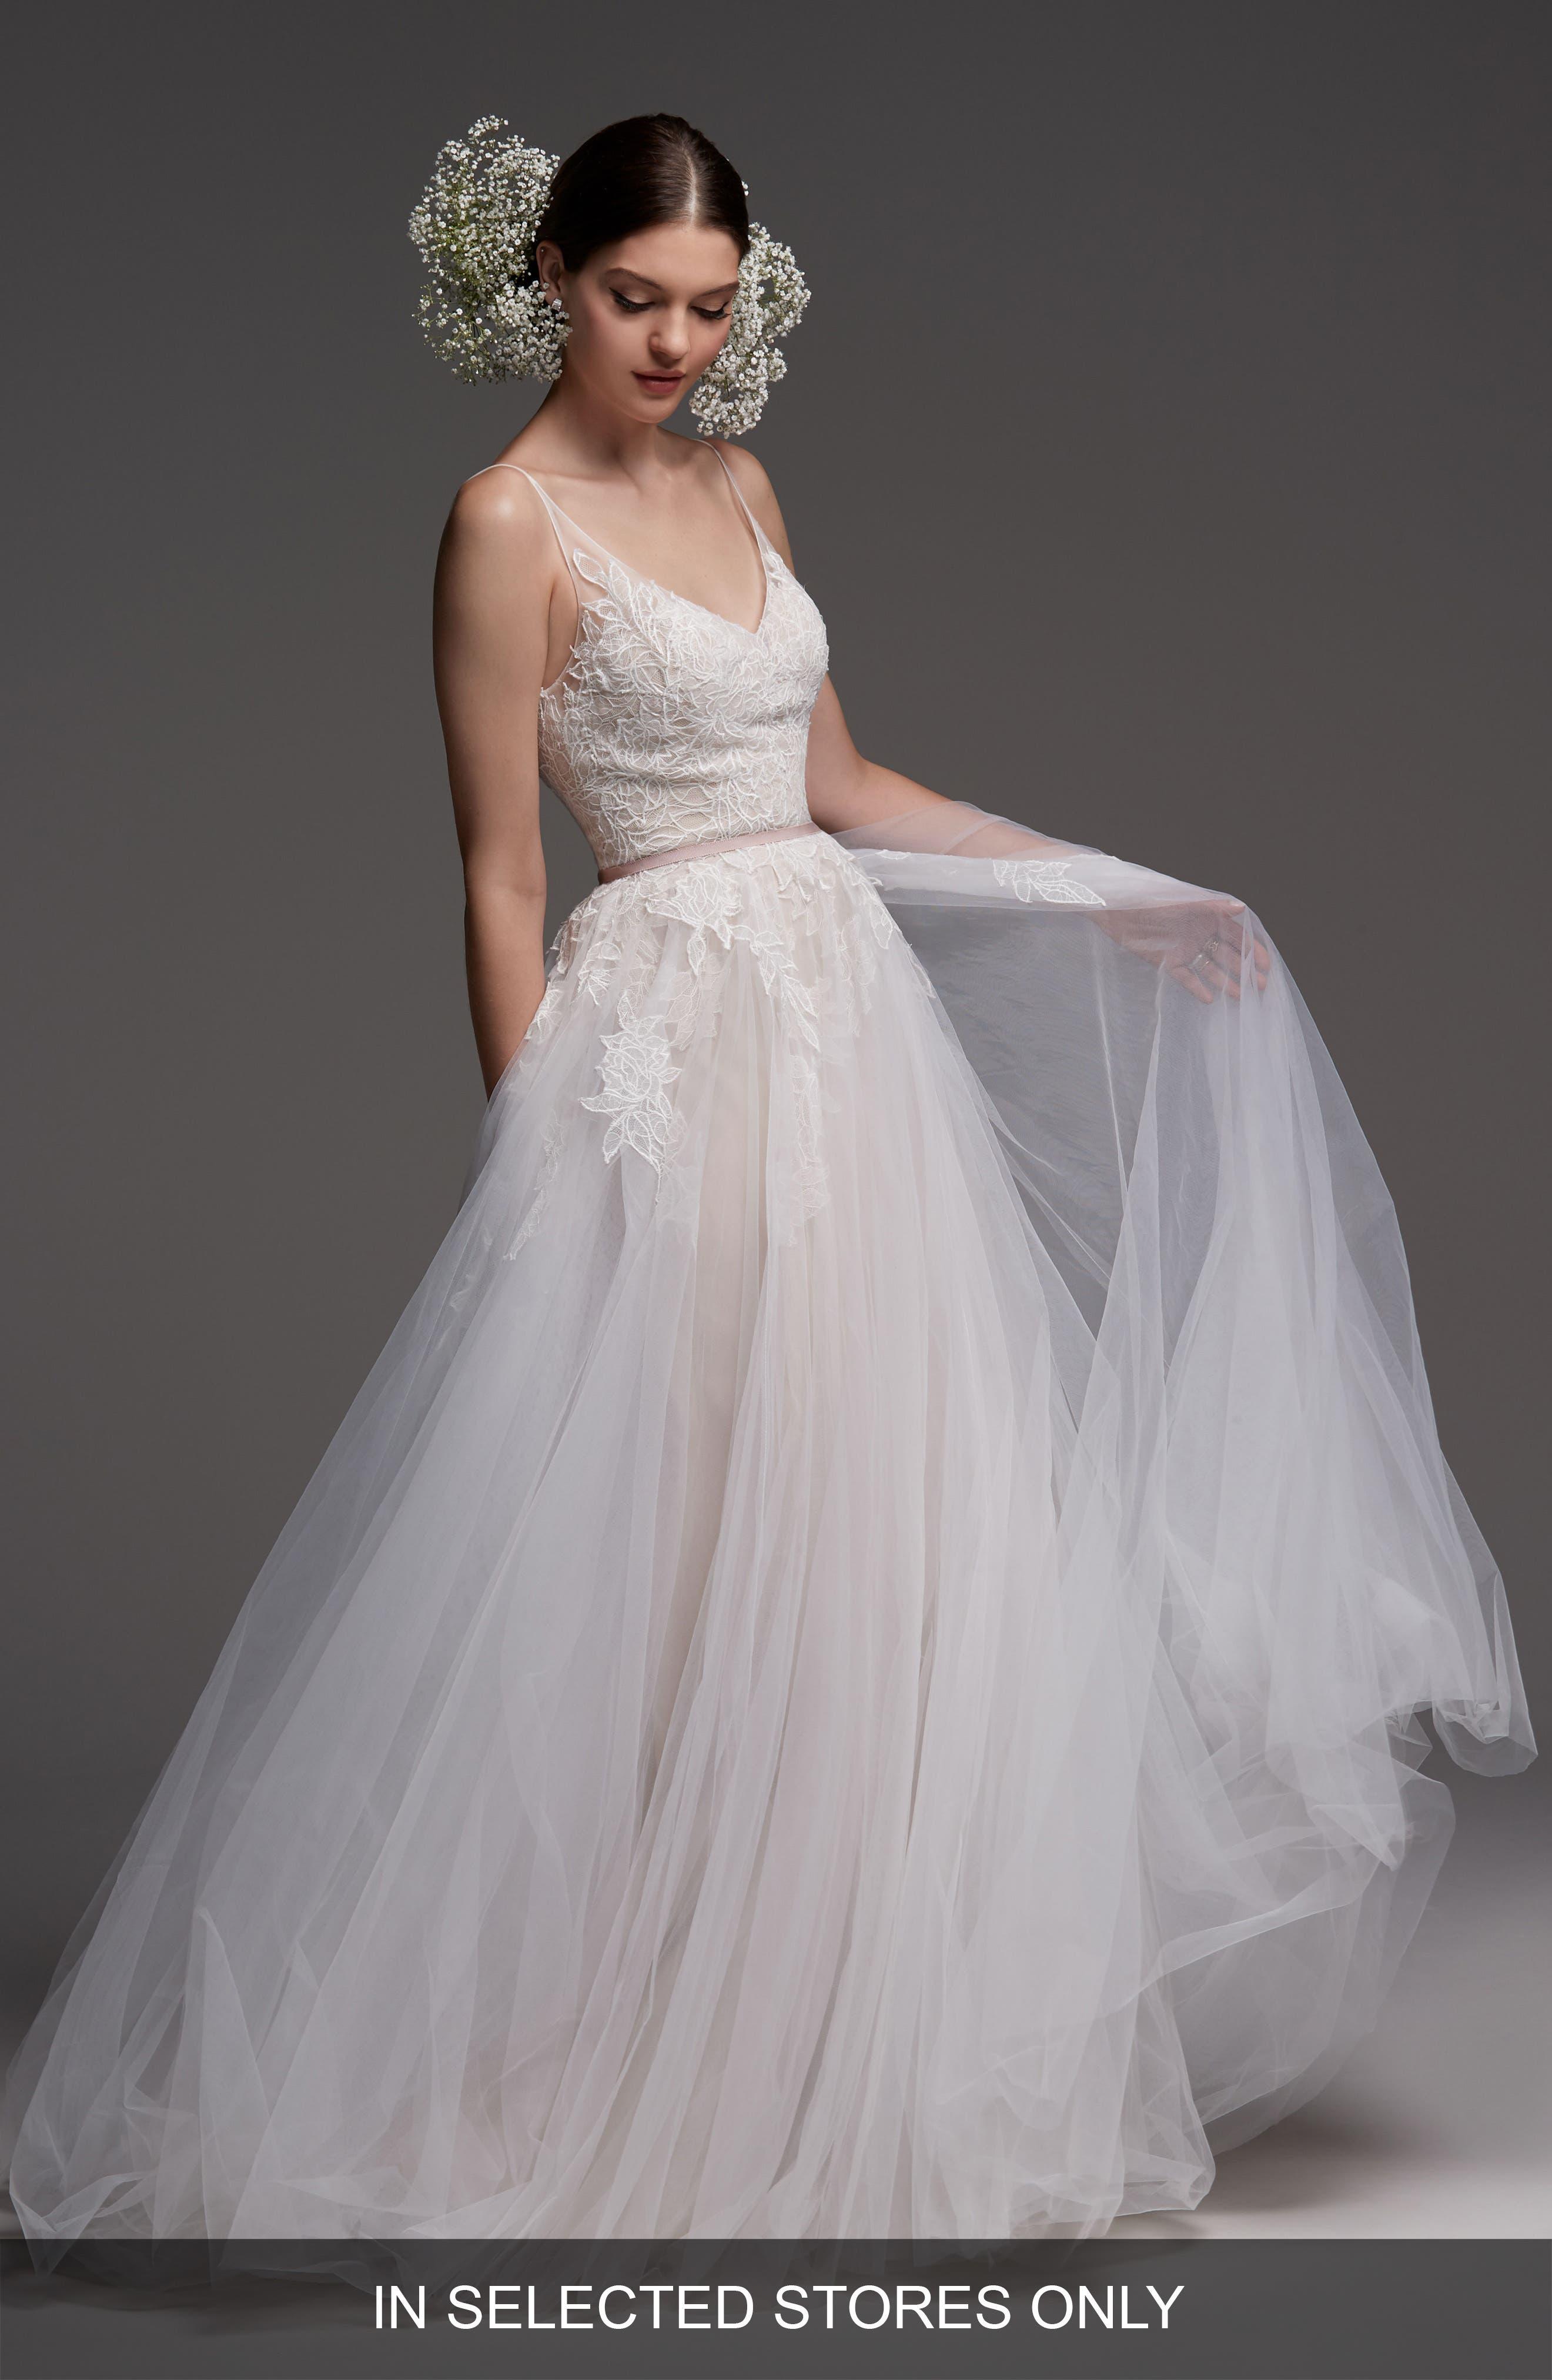 Avignon Lace & Tulle A-Line Gown,                         Main,                         color, IVORY/ BLUSH/ ROSE QUARTZ